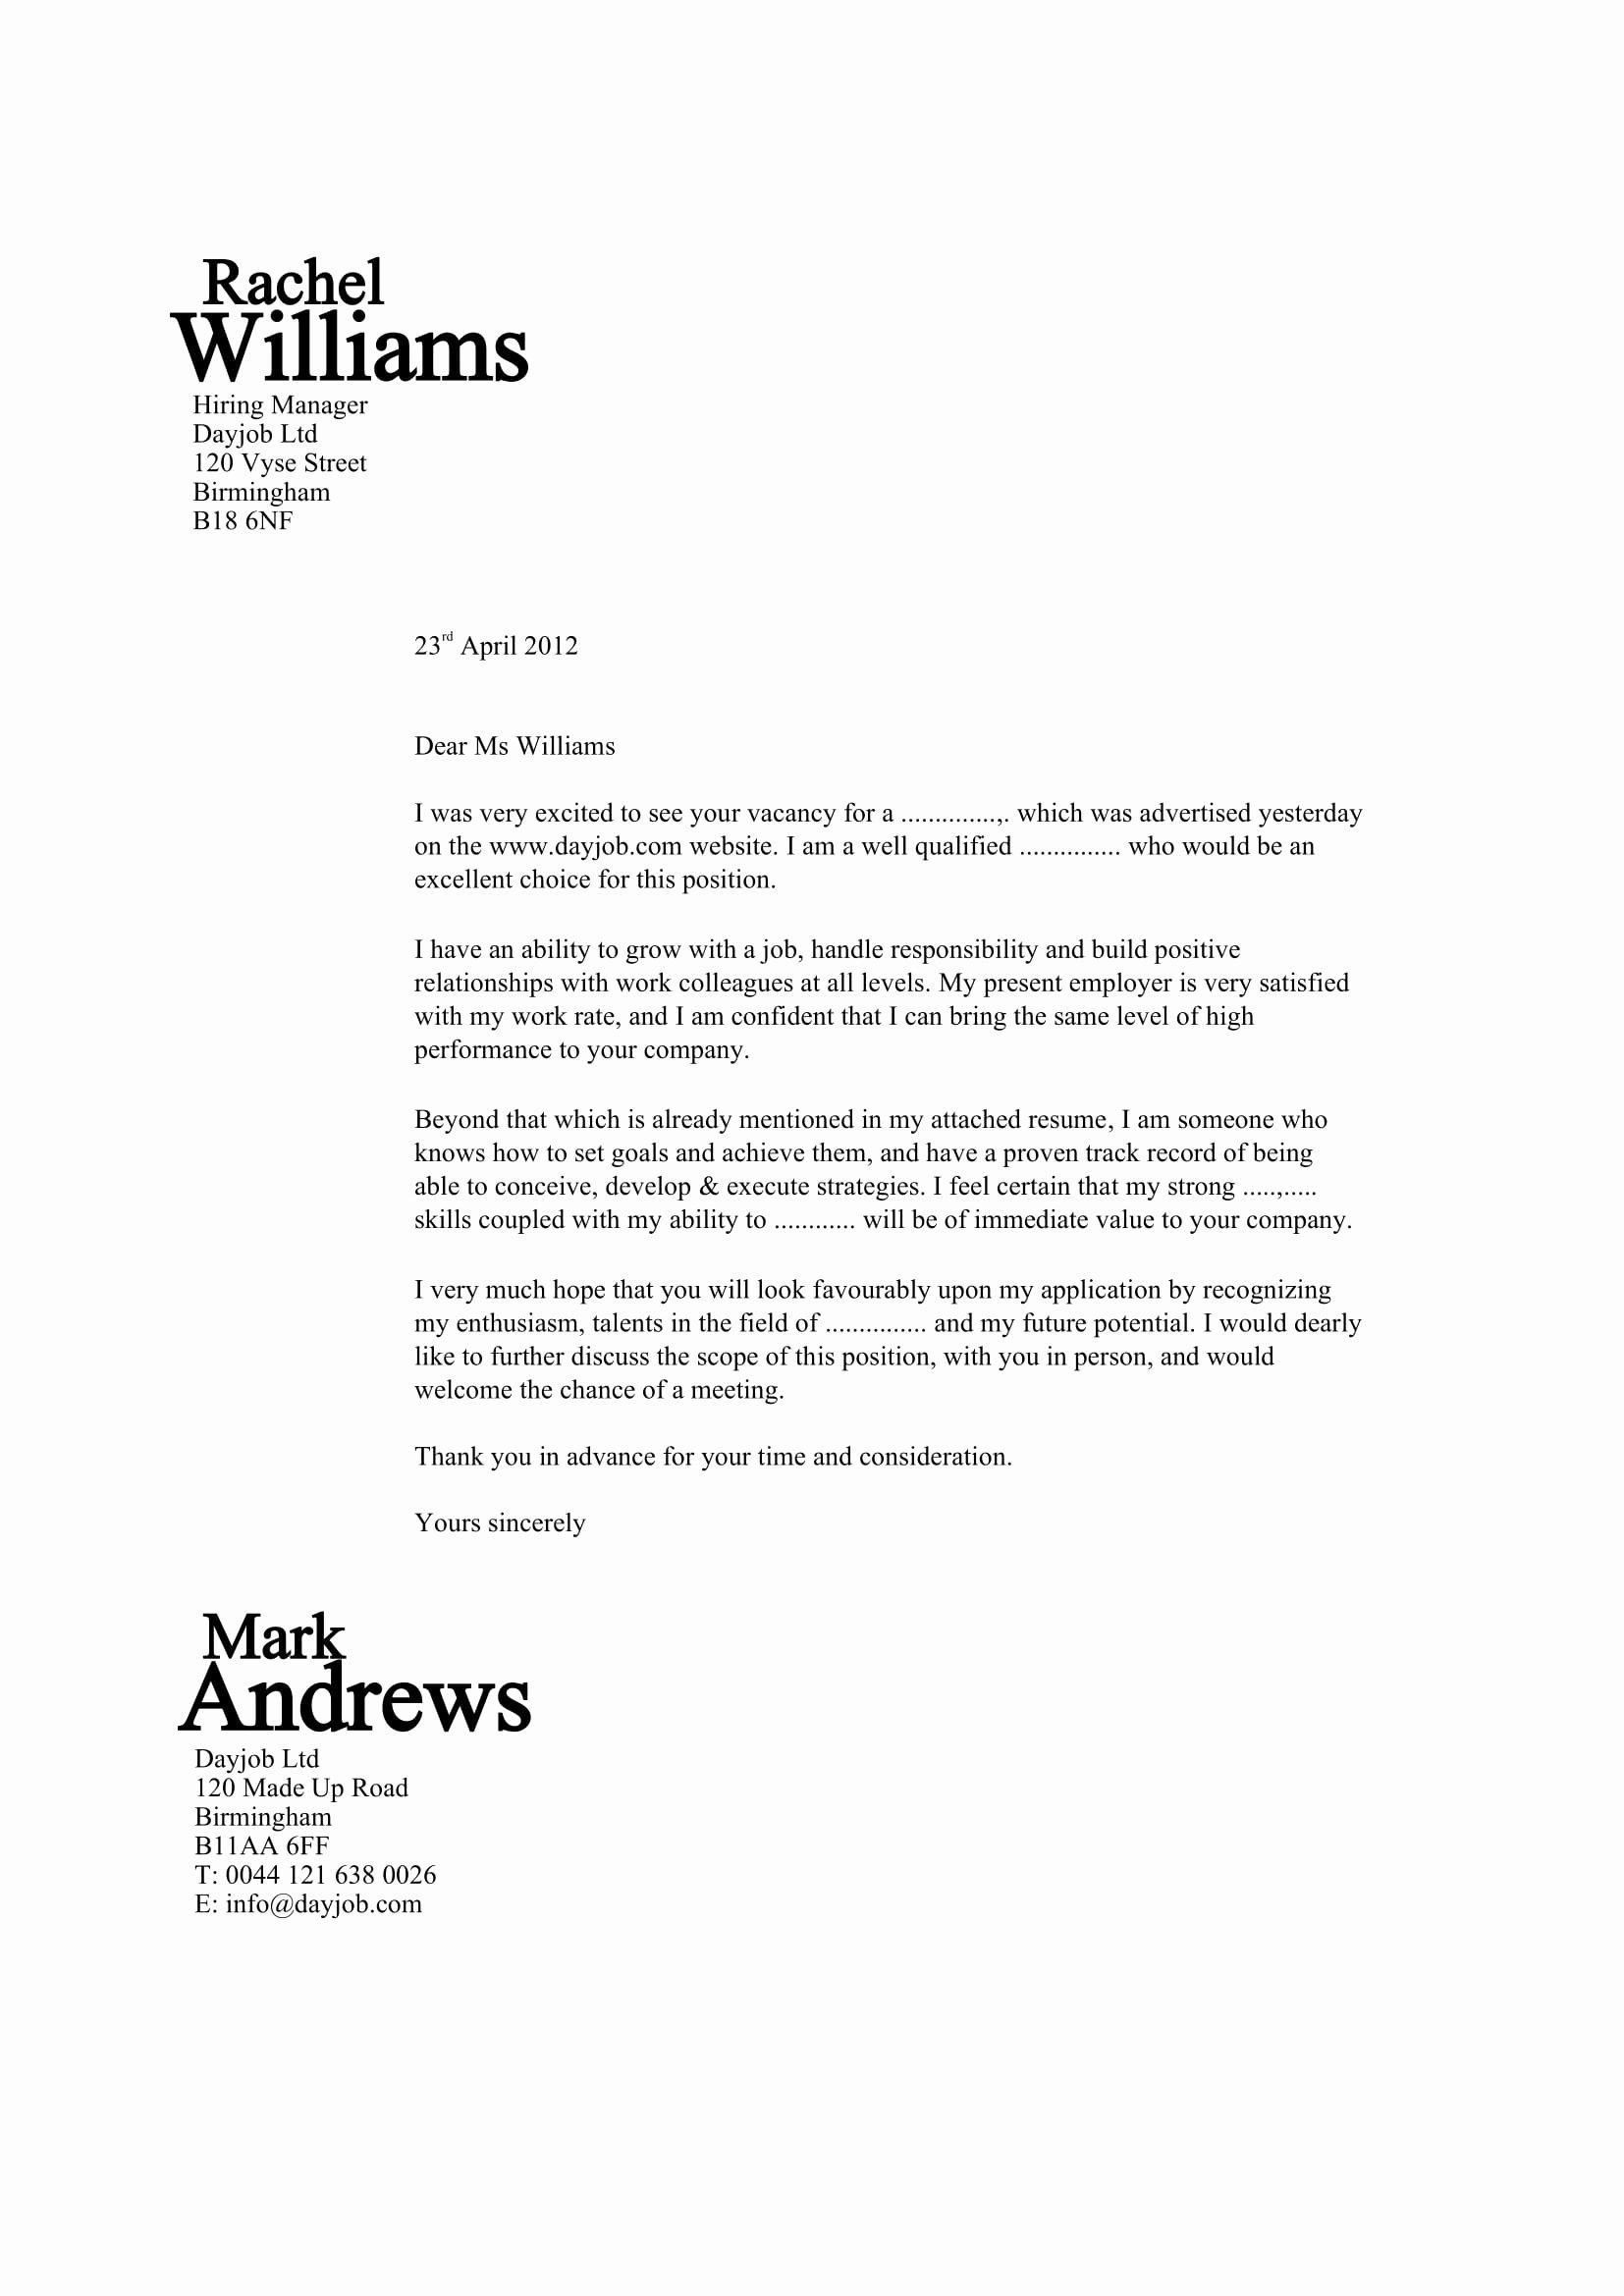 Sample Volunteer Recruitment Letter Elegant 32 Best Sample Cover Letter Examples for Job Applicants